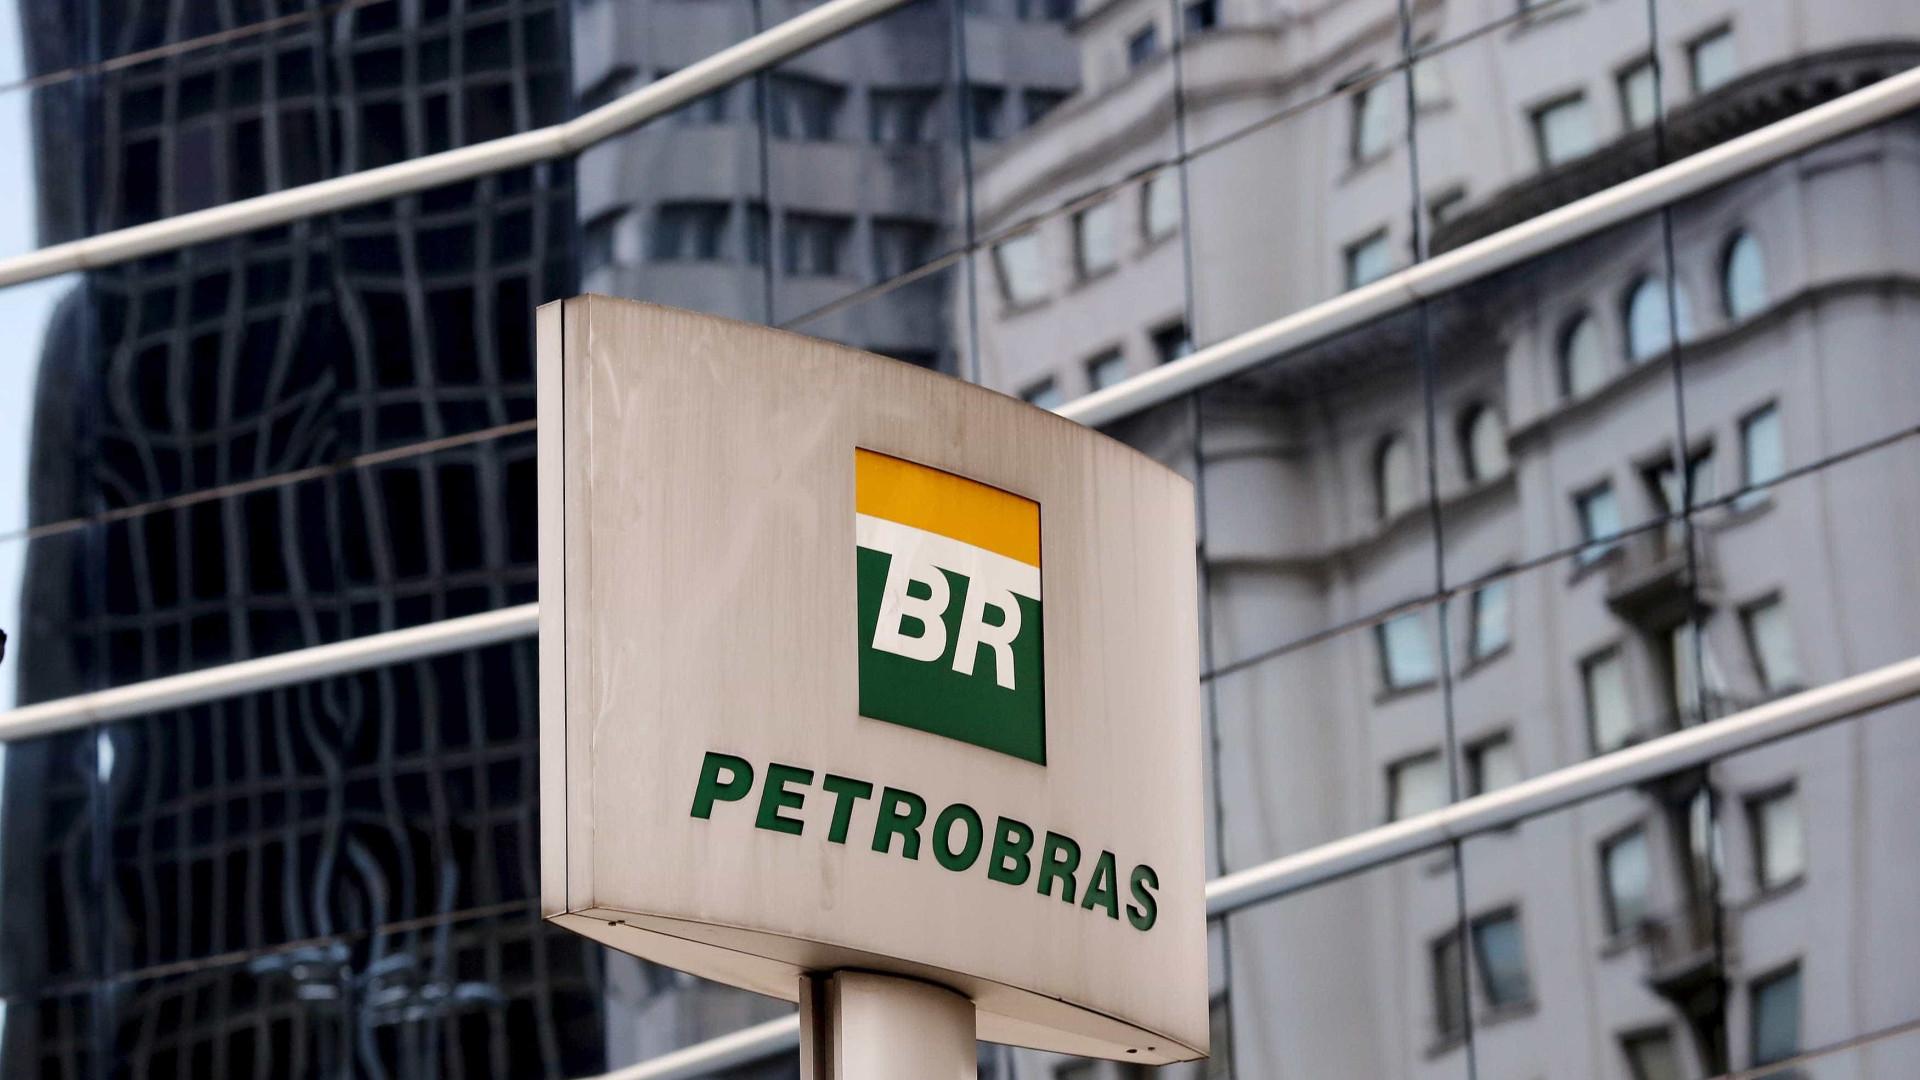 Petrobras quer voltar a contratar empresas da Lava Jato, diz diretor